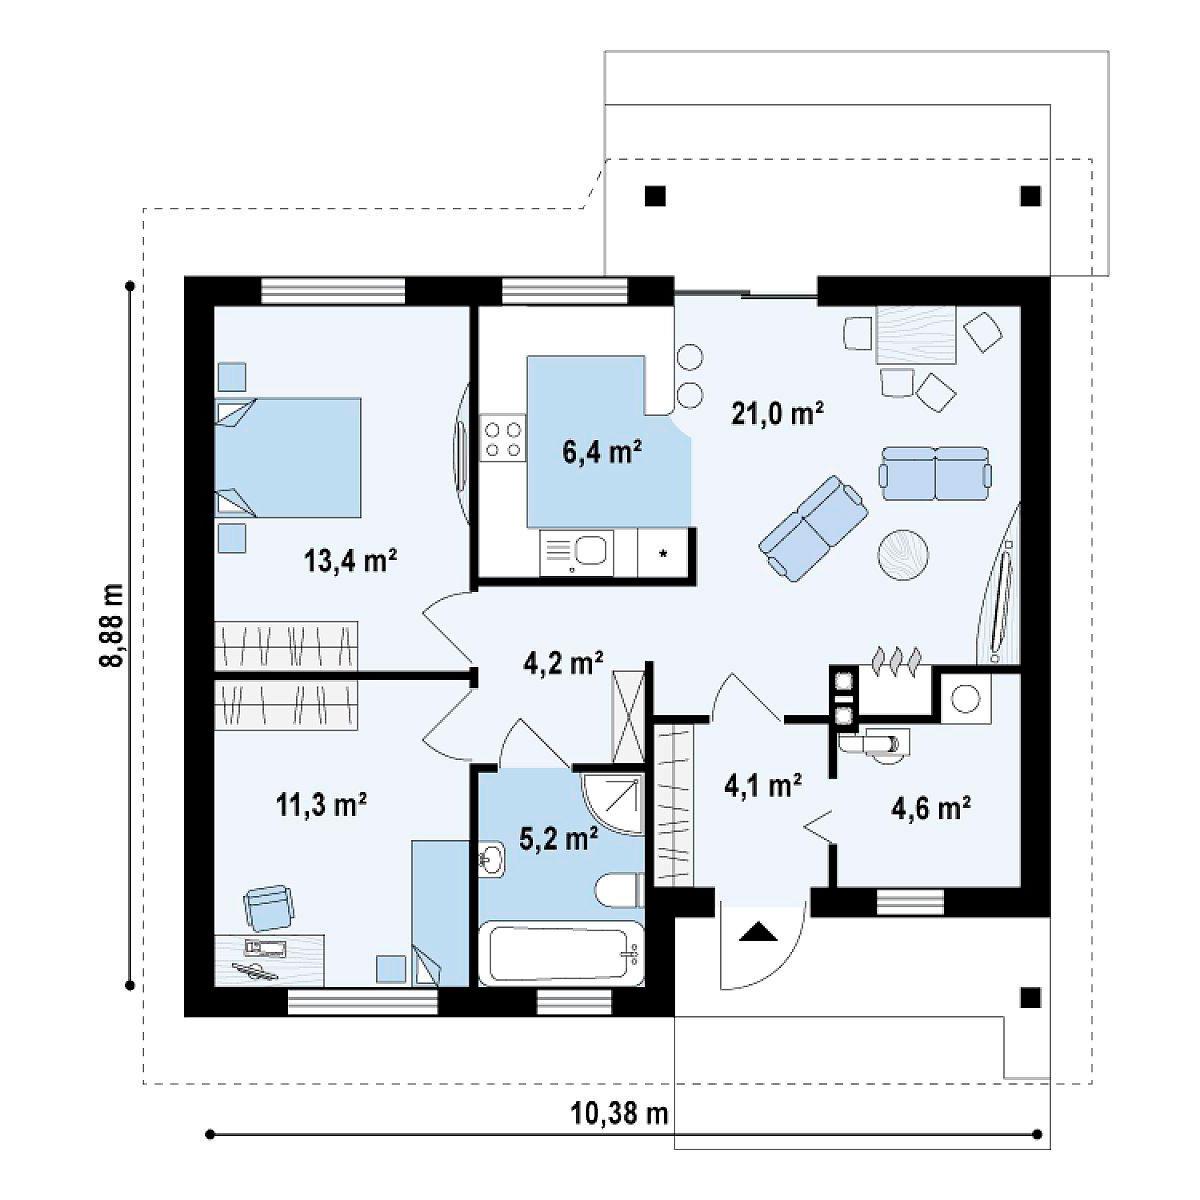 Дом с мансардой 78 рисунок чертеж 3